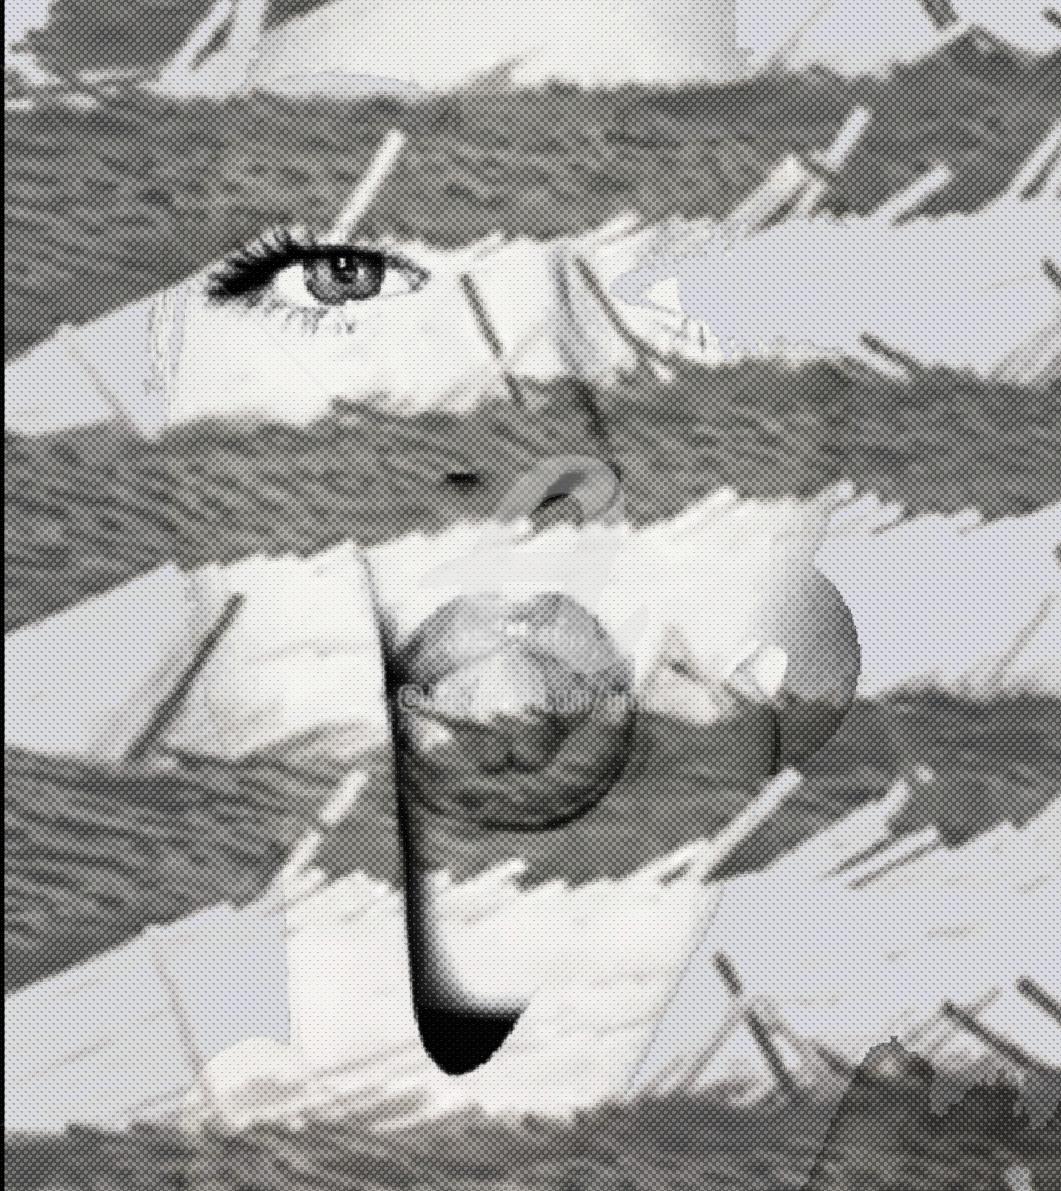 Art Moé - Faces